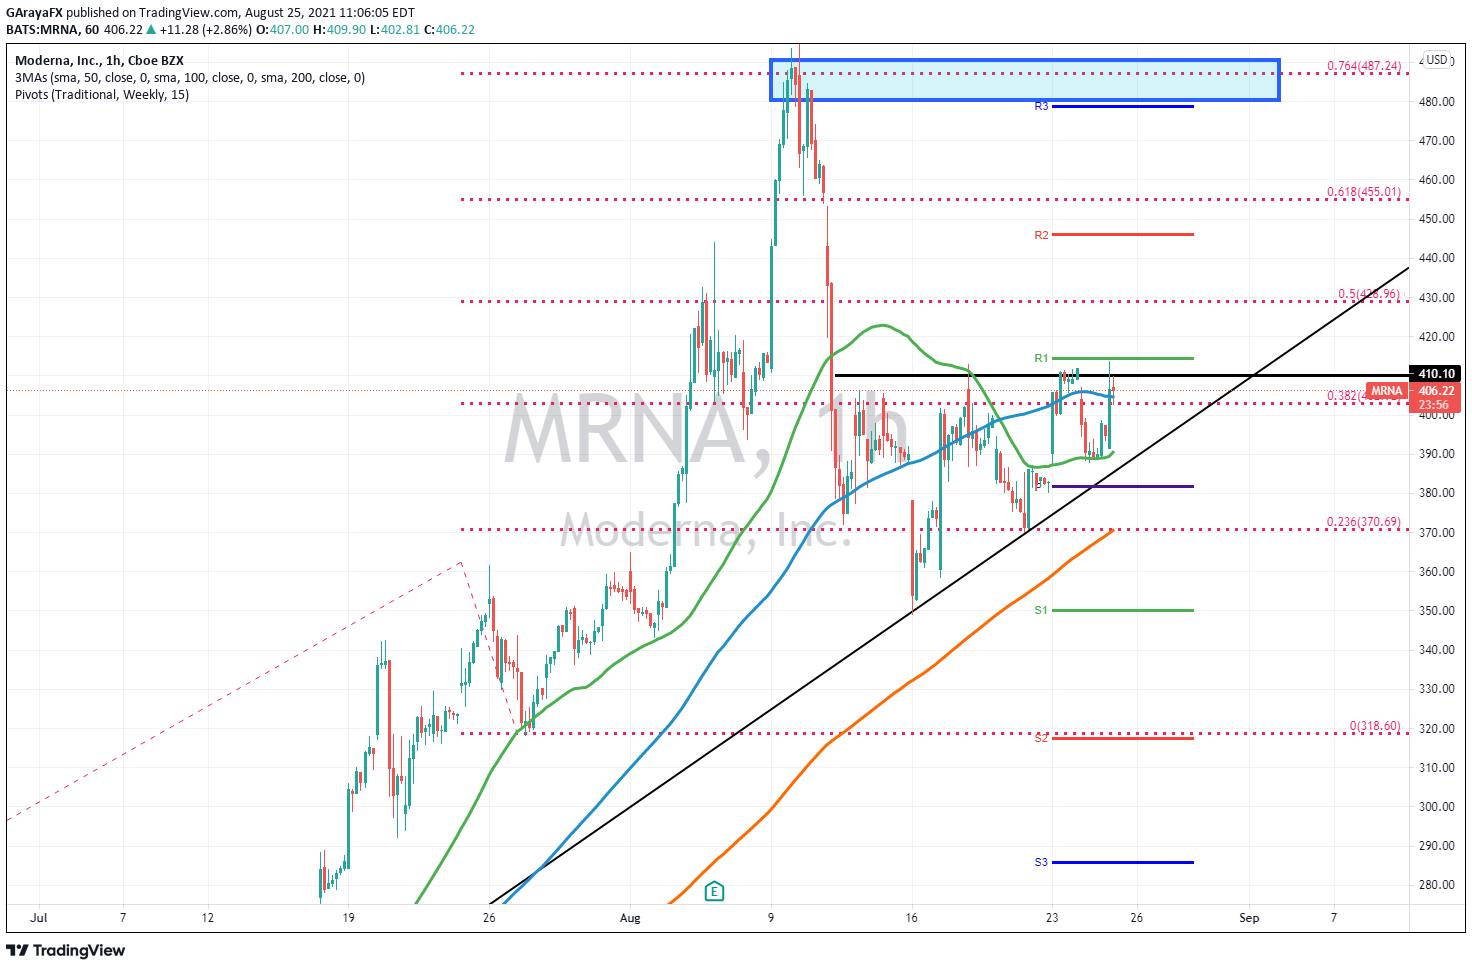 Gráfico 1H de Moderna (MRNA) - 25.08.21